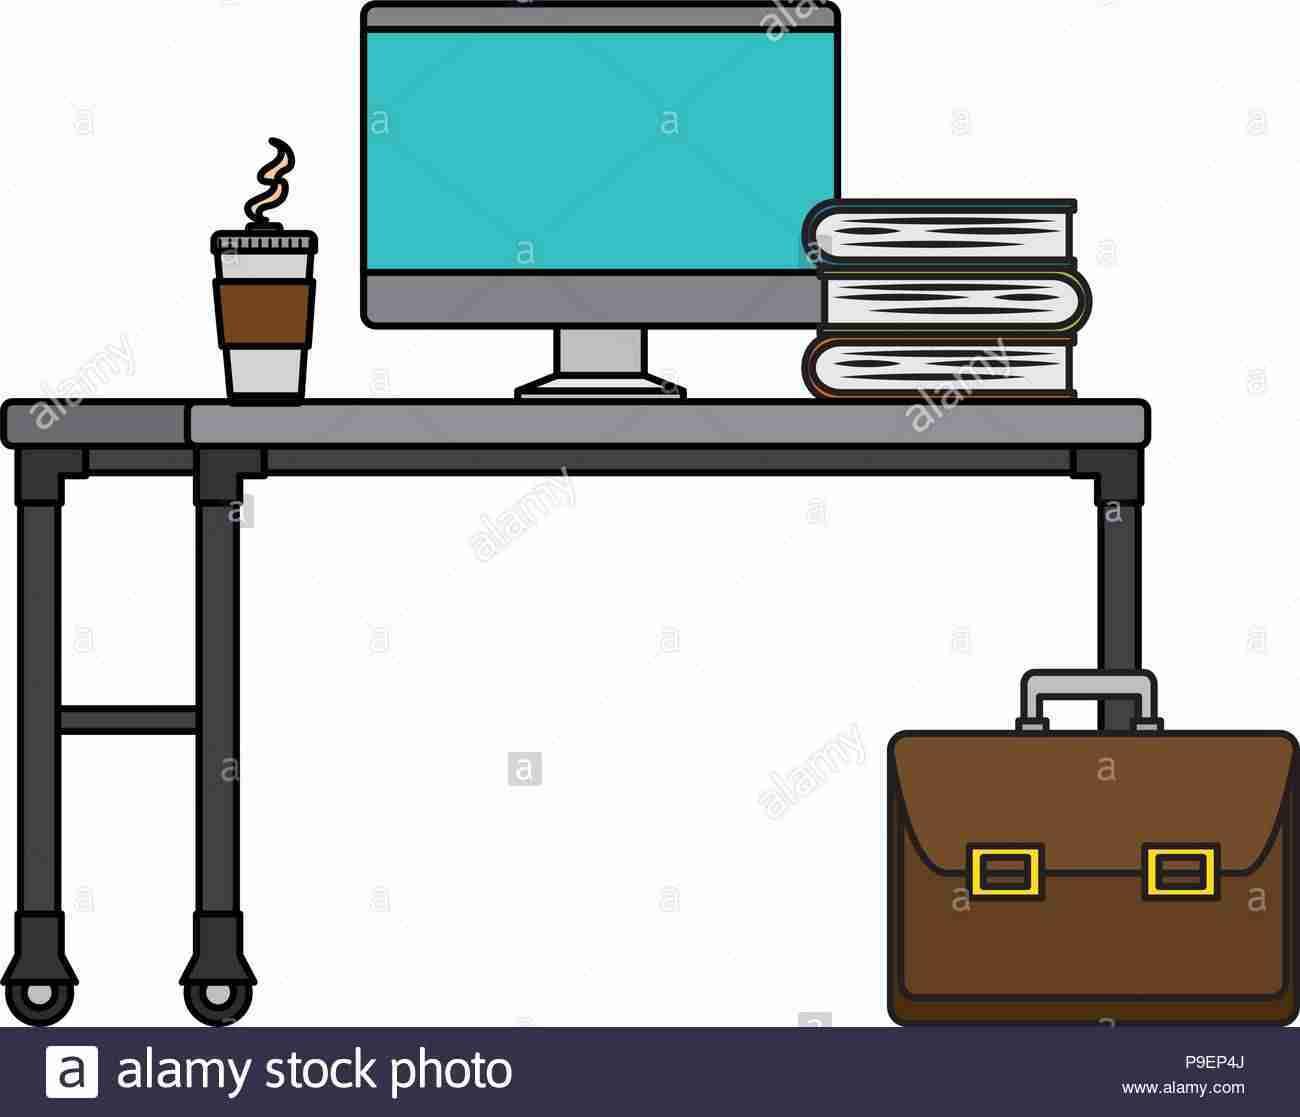 postazione-di-lavoro-con-scrivania-e-di-scena-del-desktop-p9ep4j